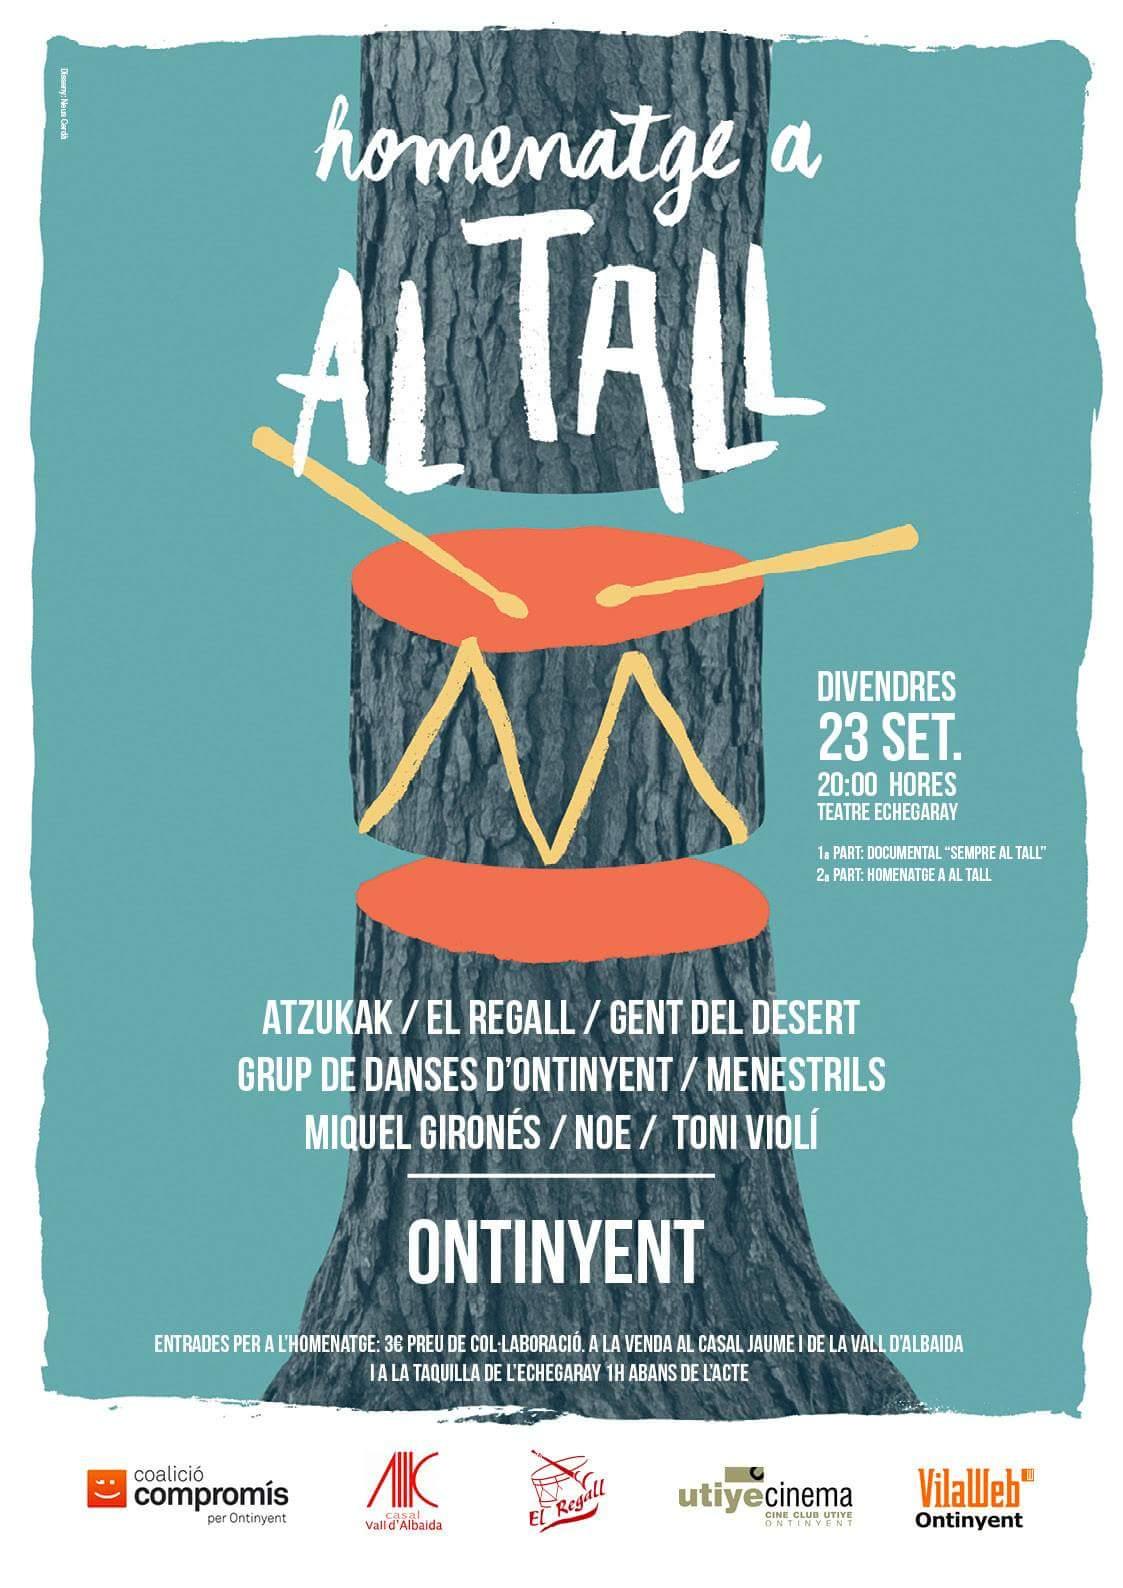 al-tall